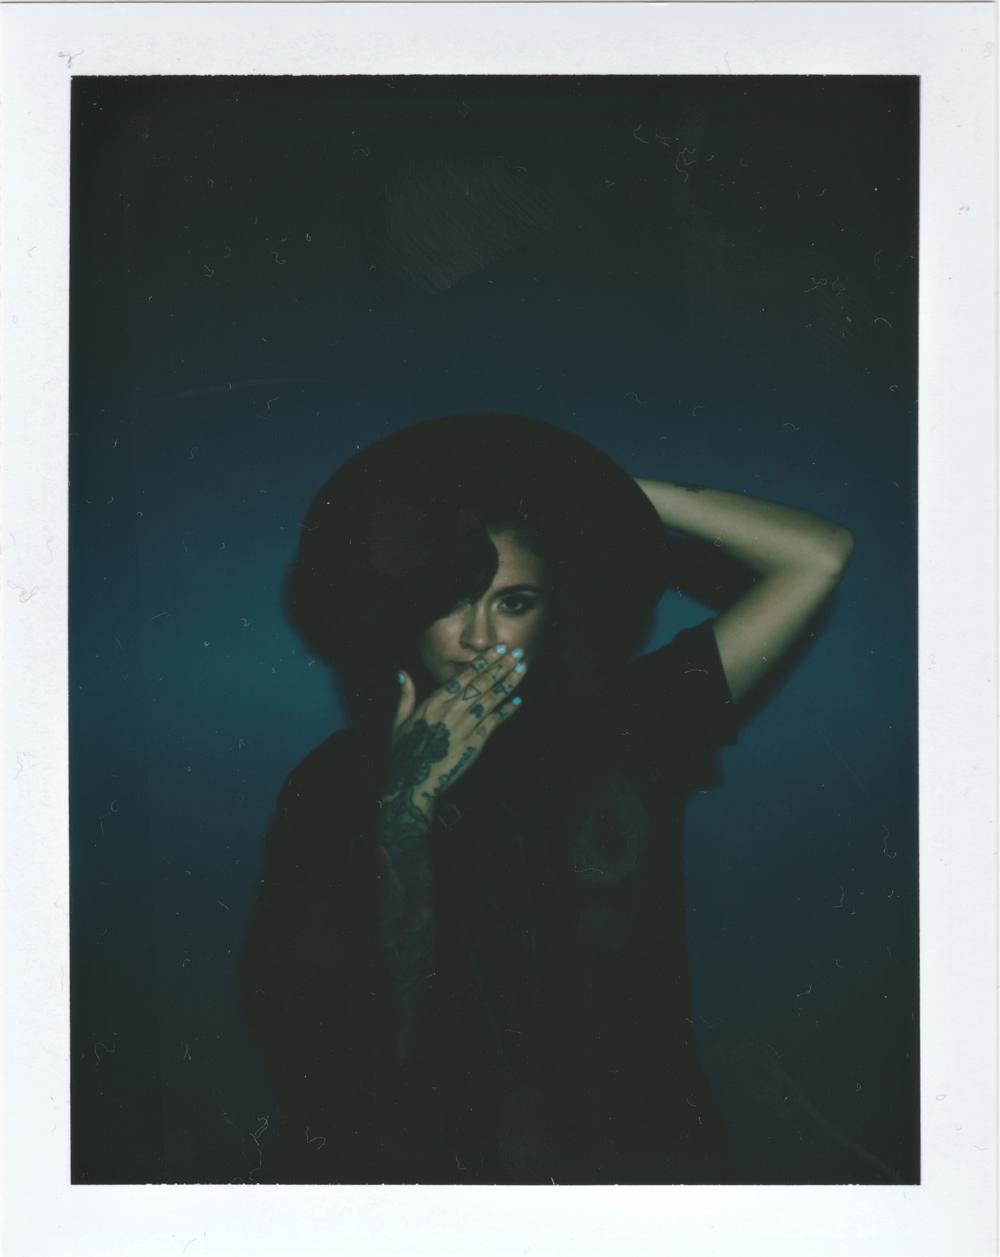 Kehlani-Polaroid-by-Arturo-Torres-08-w.png